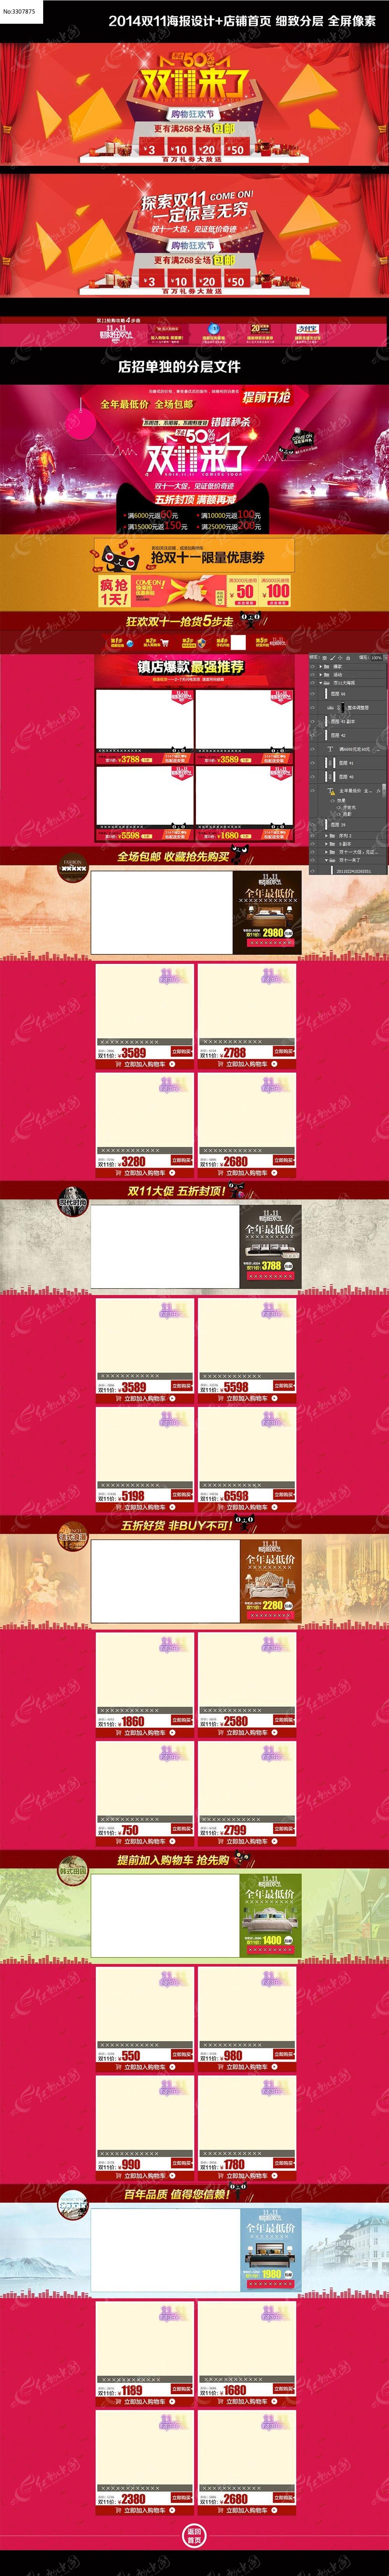 淘宝天猫双11活动海报店铺首页设计模板图片